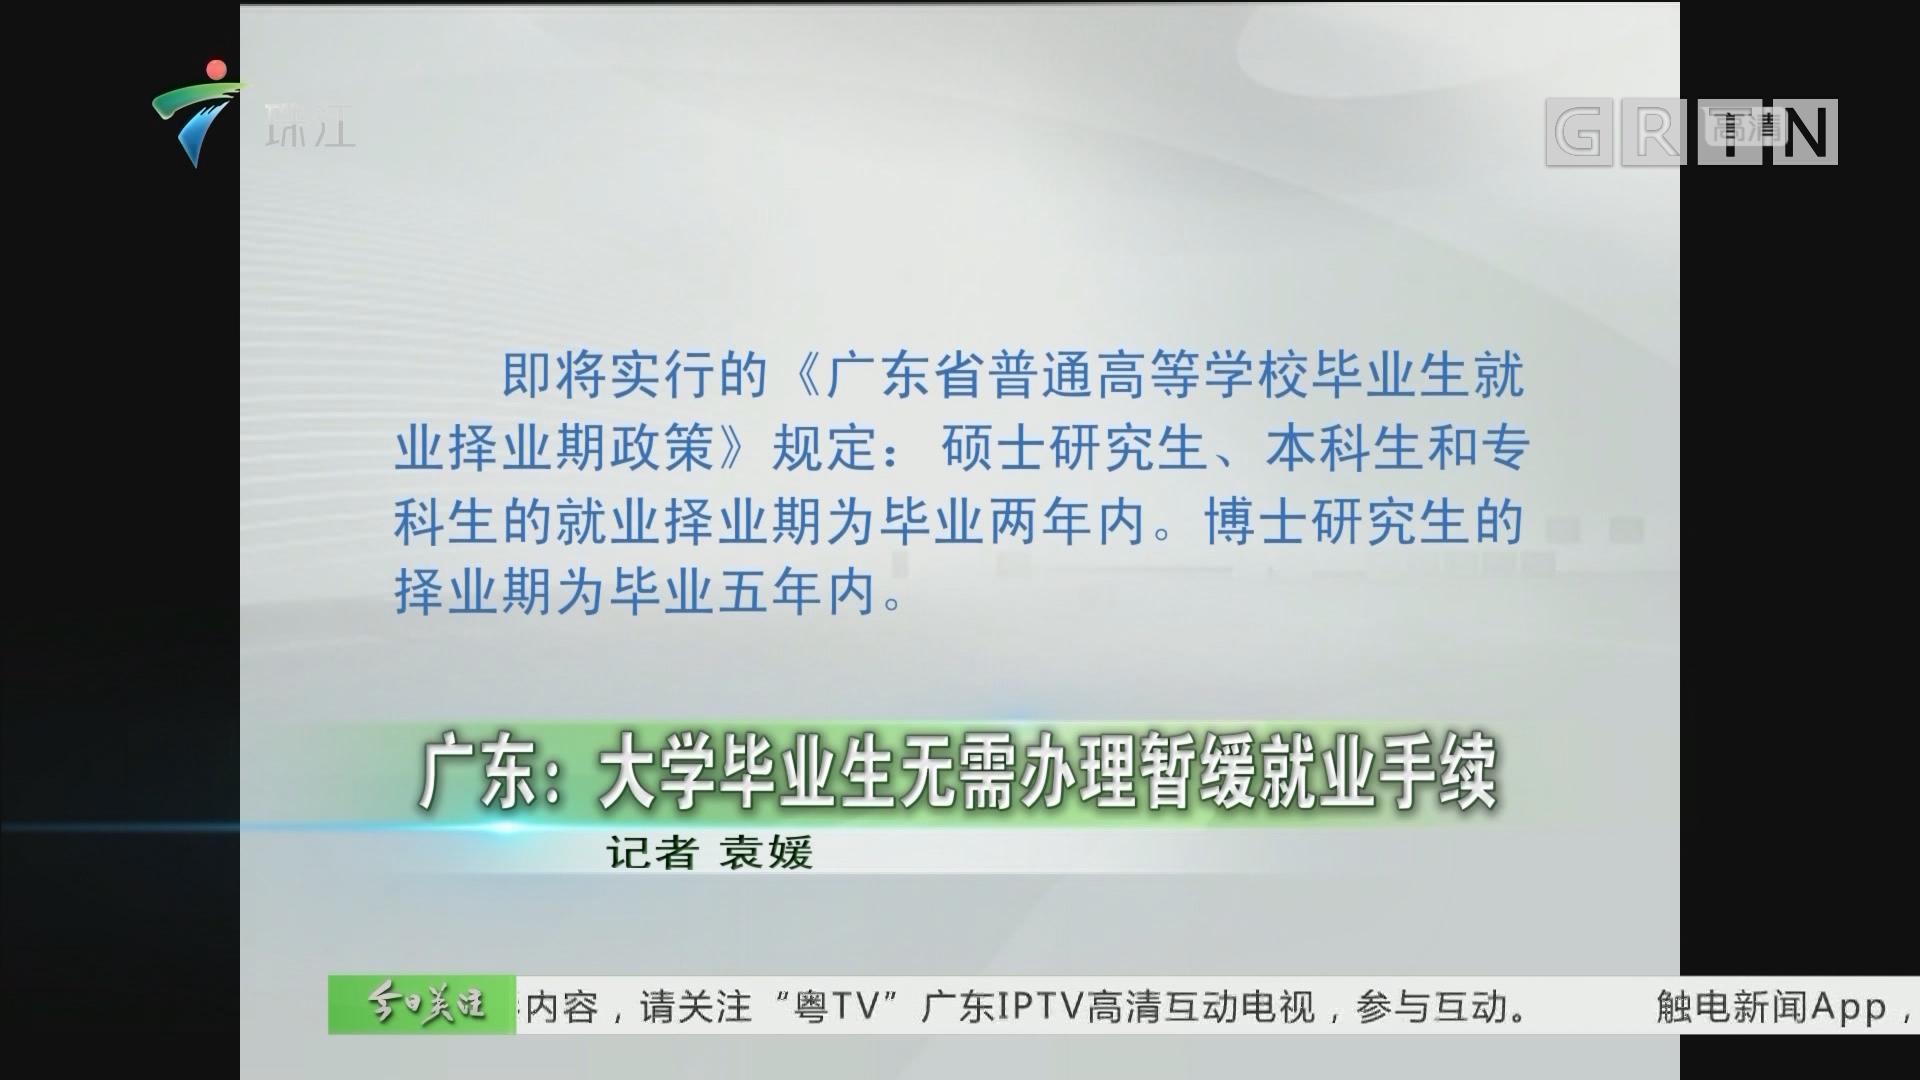 广东:大学毕业生无需办理暂缓就业手续